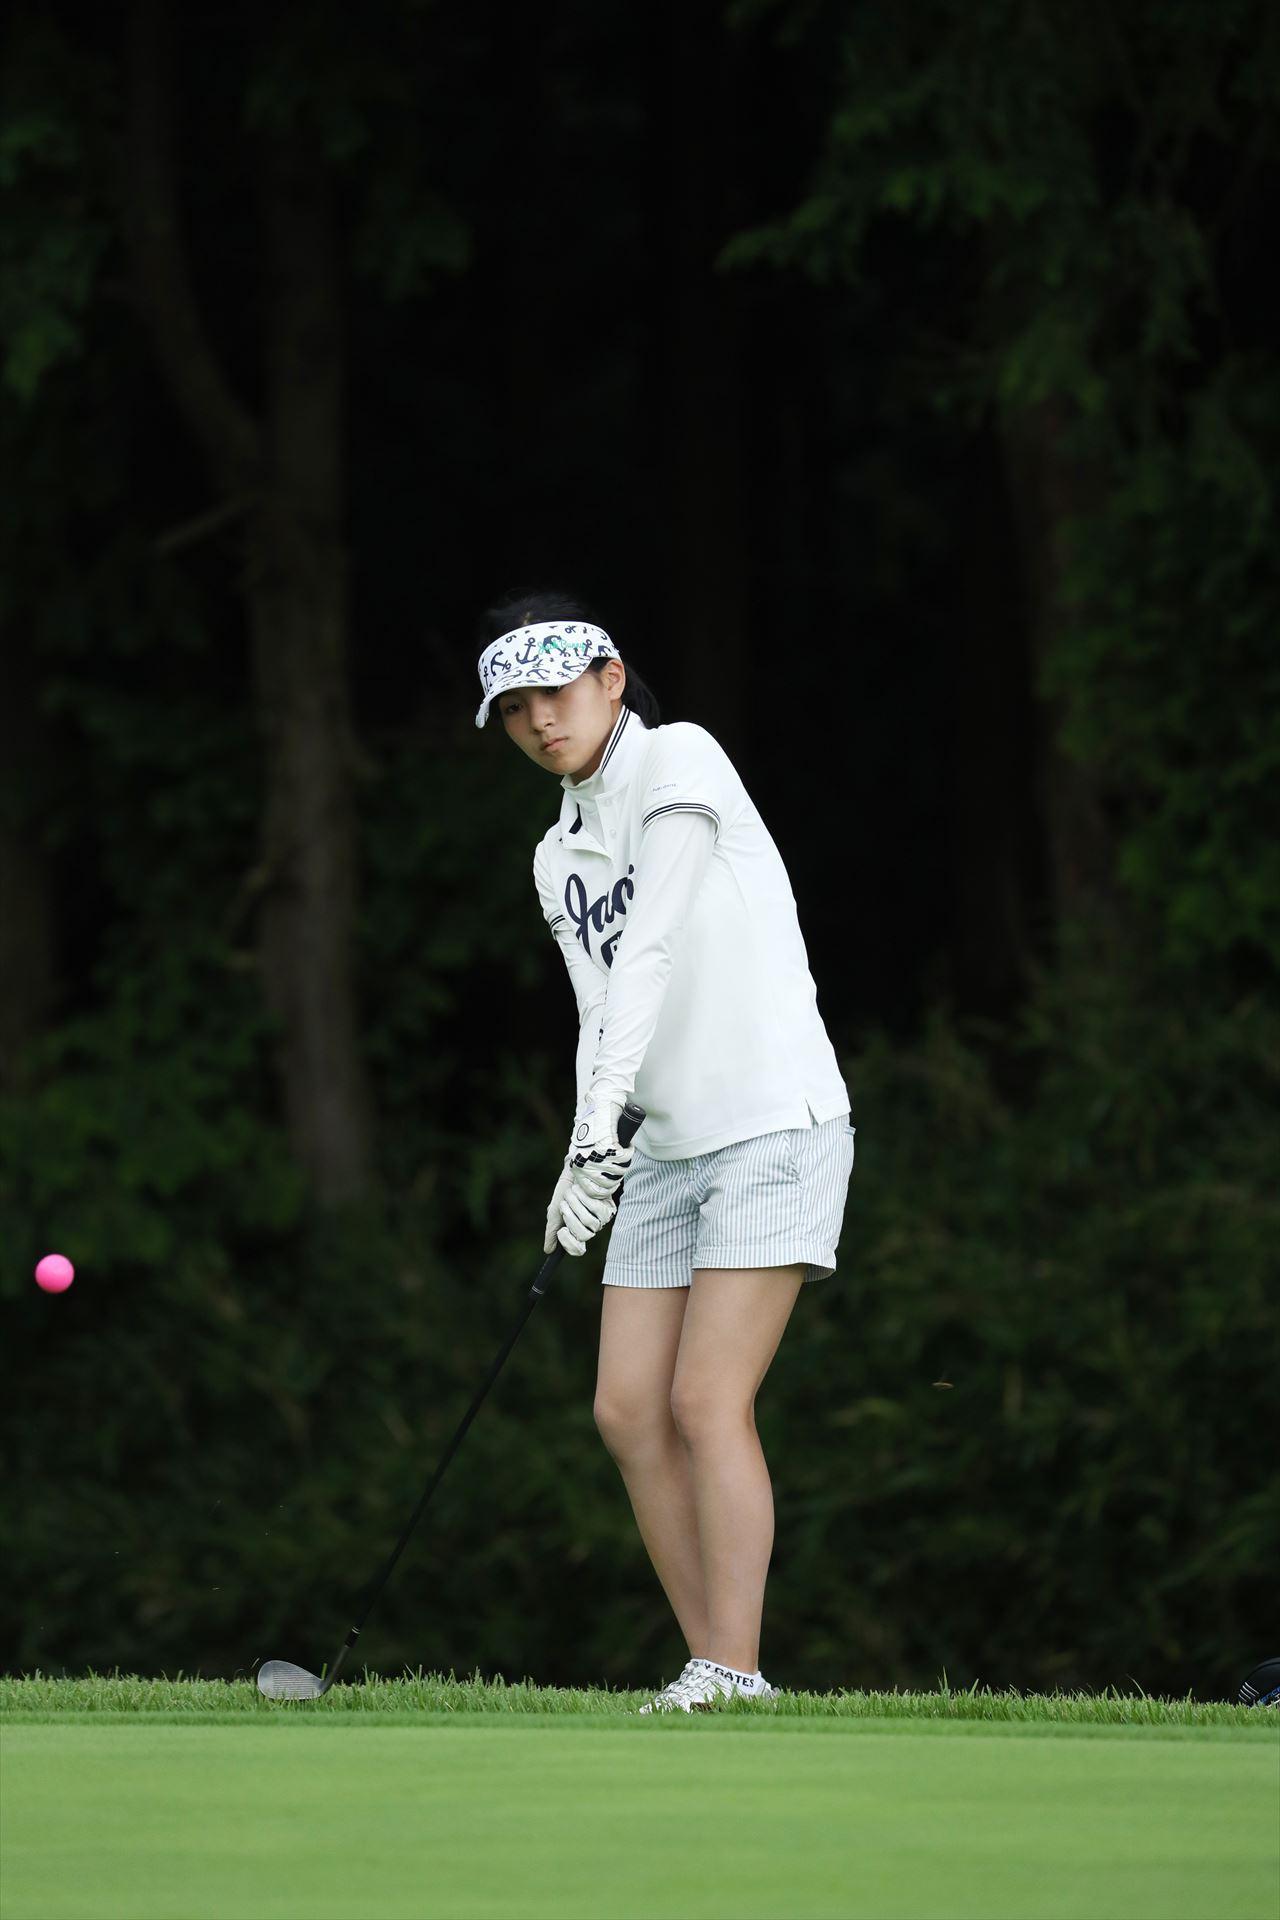 画像1: 【ジュニアの時代がやってきた⁉︎】16歳のアイドルが本気の「競技ゴルフ」に参戦【GDジャパンジュニアカップレポート後編】